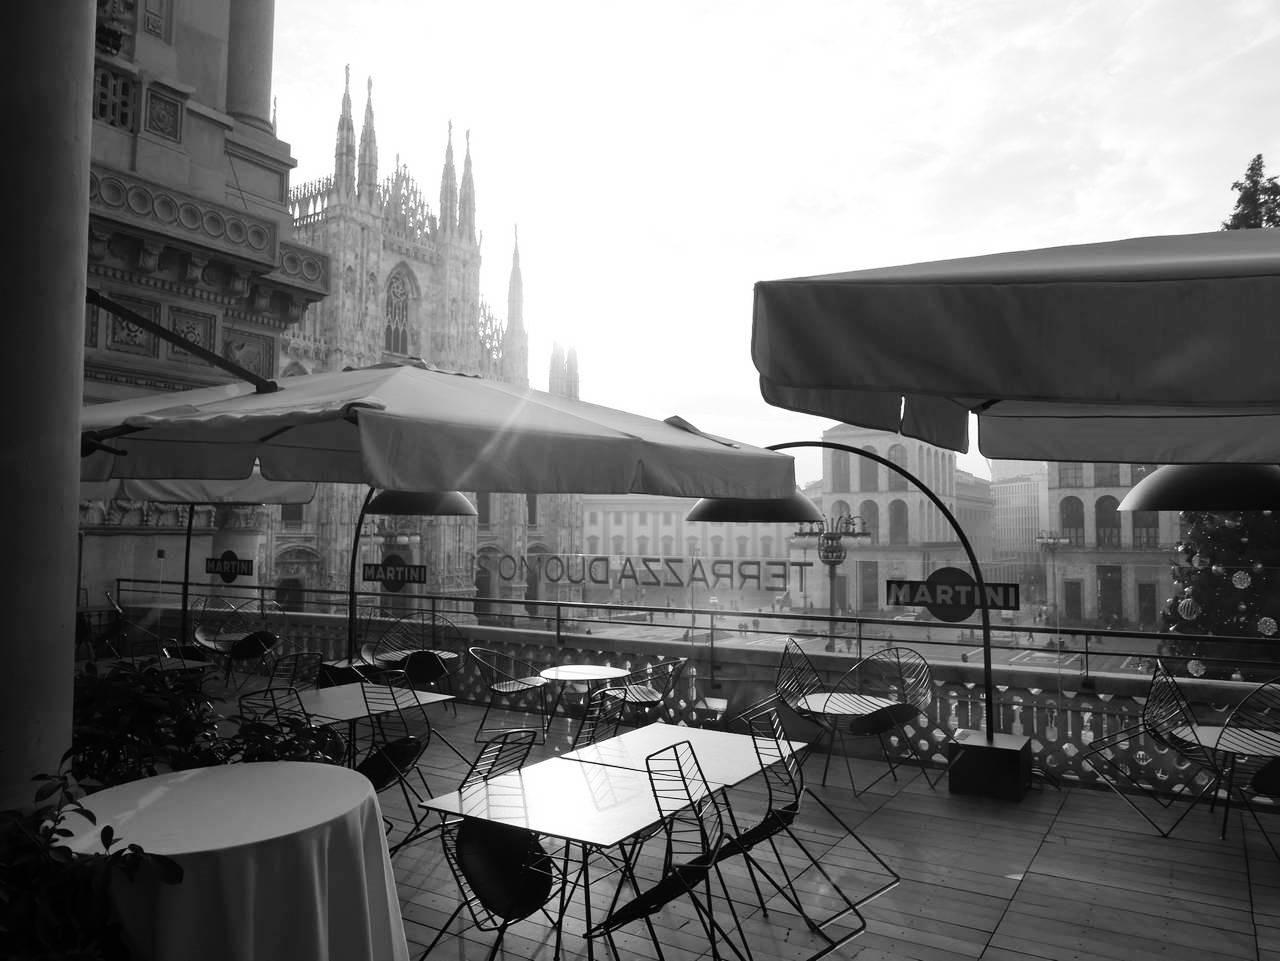 Al Panino Bistrò Si Sposta In Duomo 21 Il Lounge Bar Con